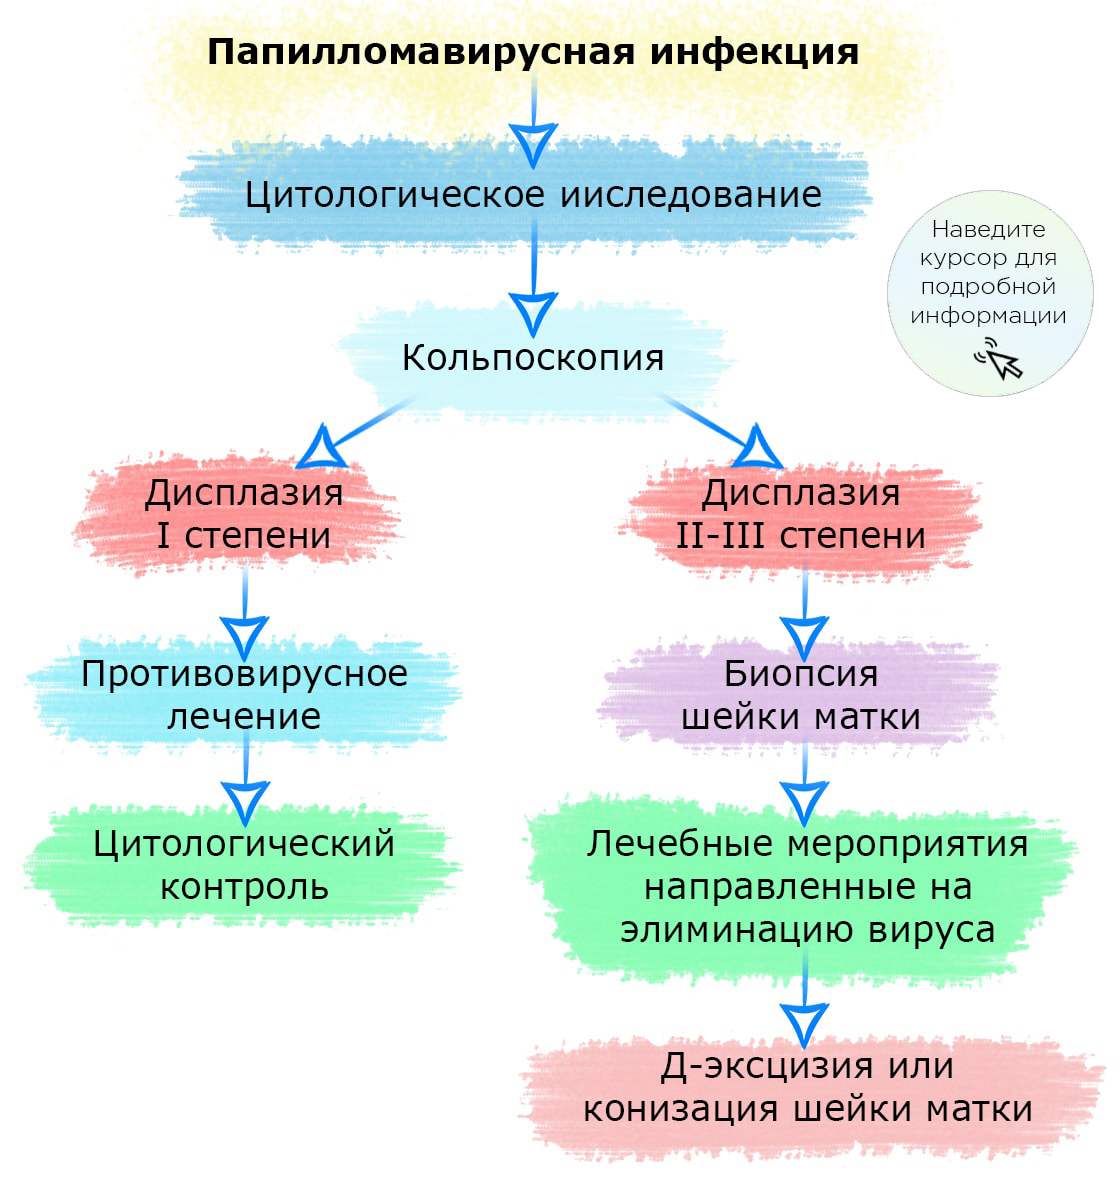 папилломавирусная инфекция